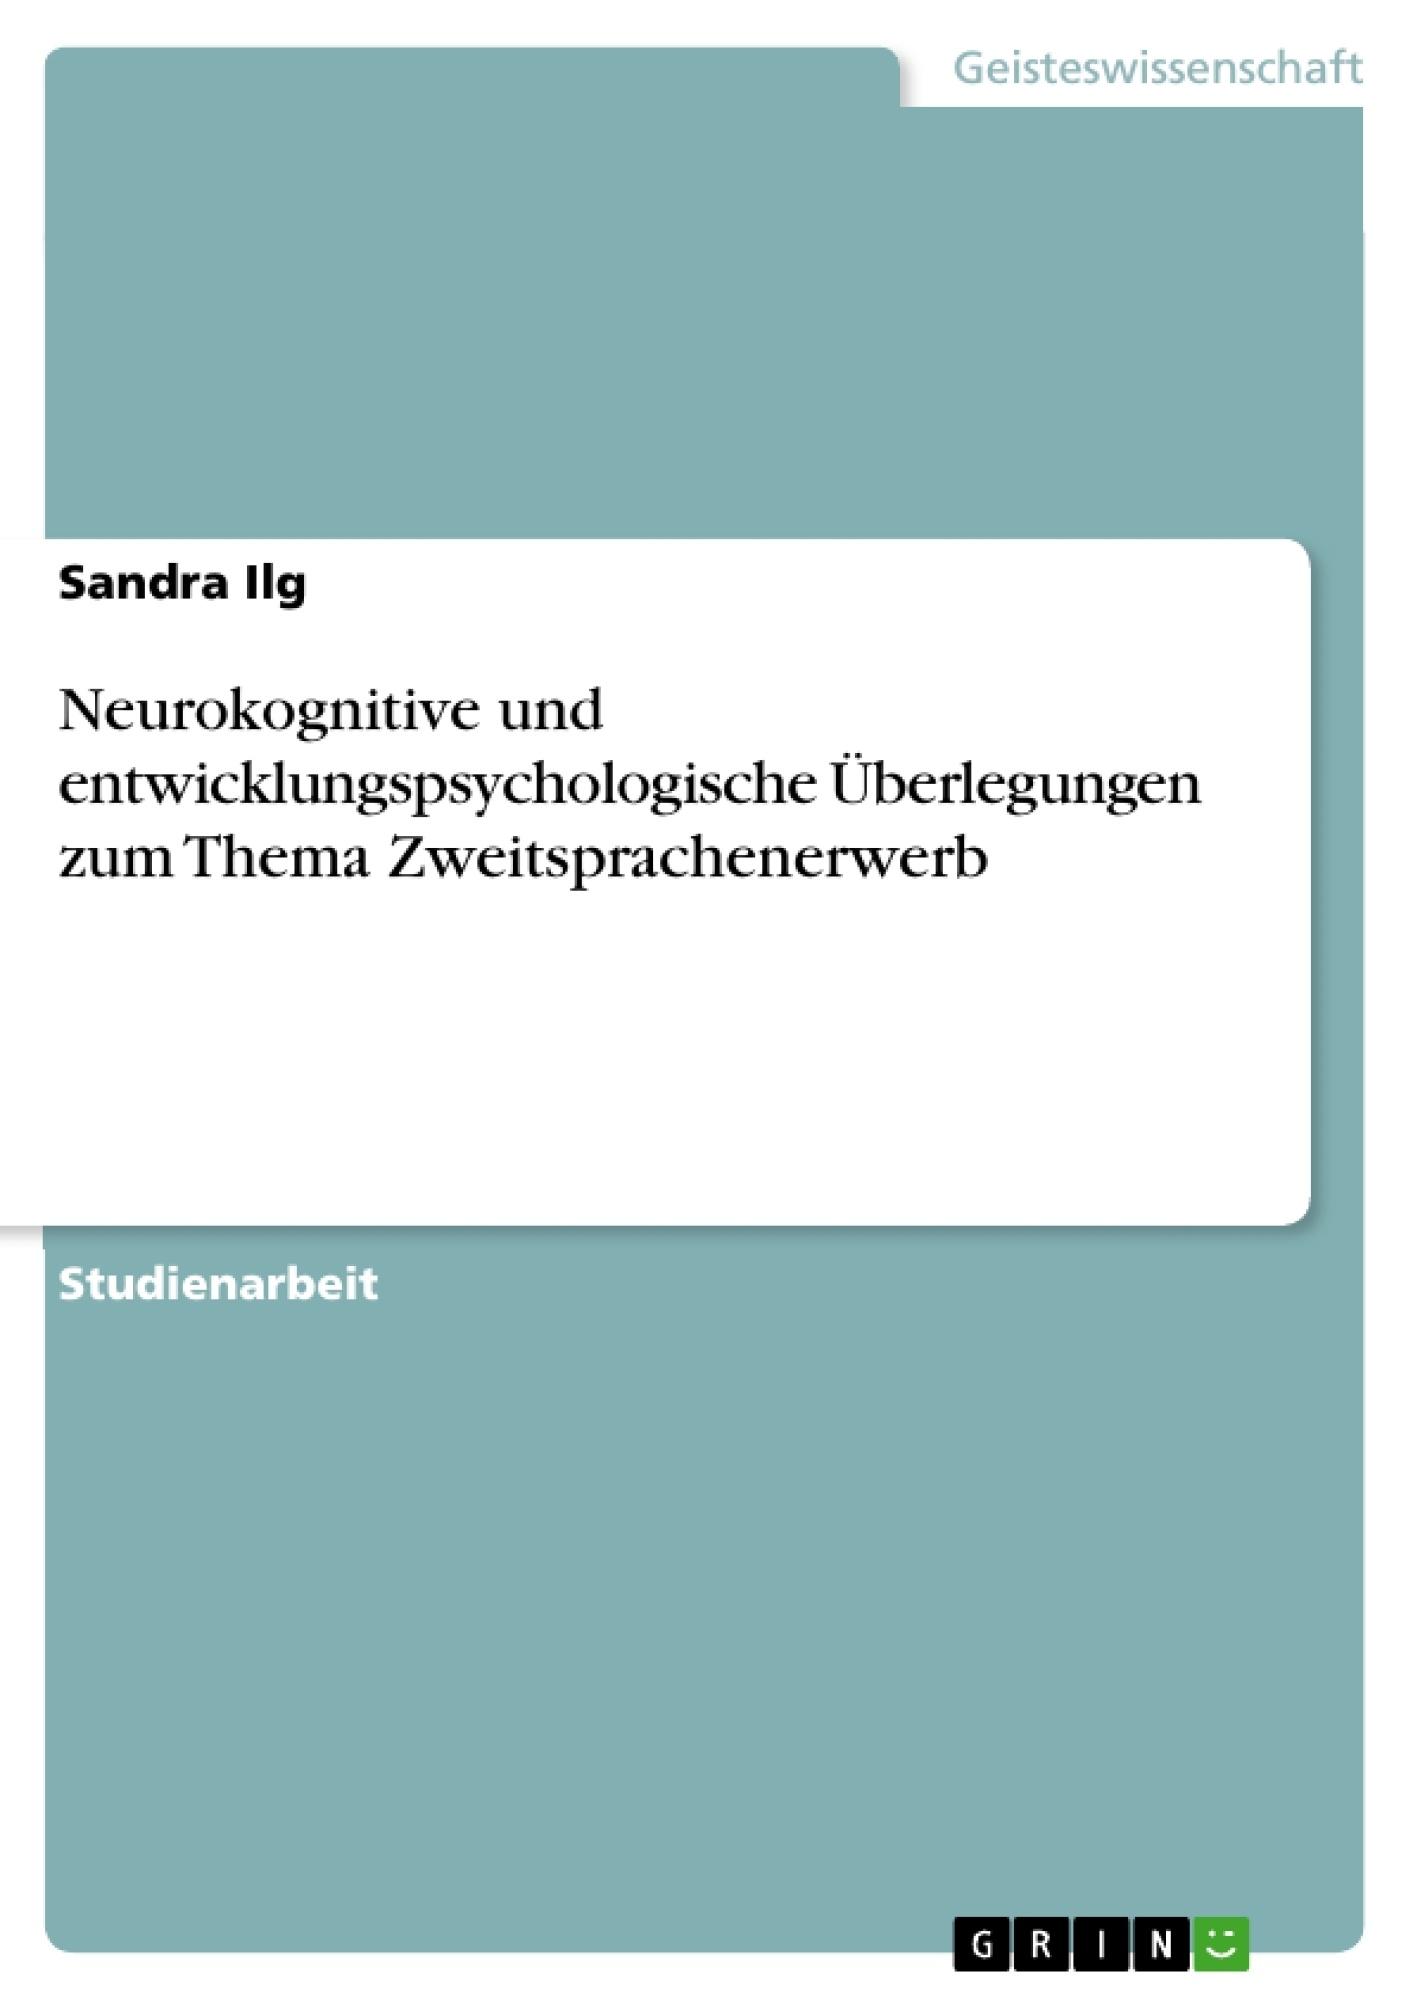 Titel: Neurokognitive und entwicklungspsychologische Überlegungen zum Thema Zweitsprachenerwerb